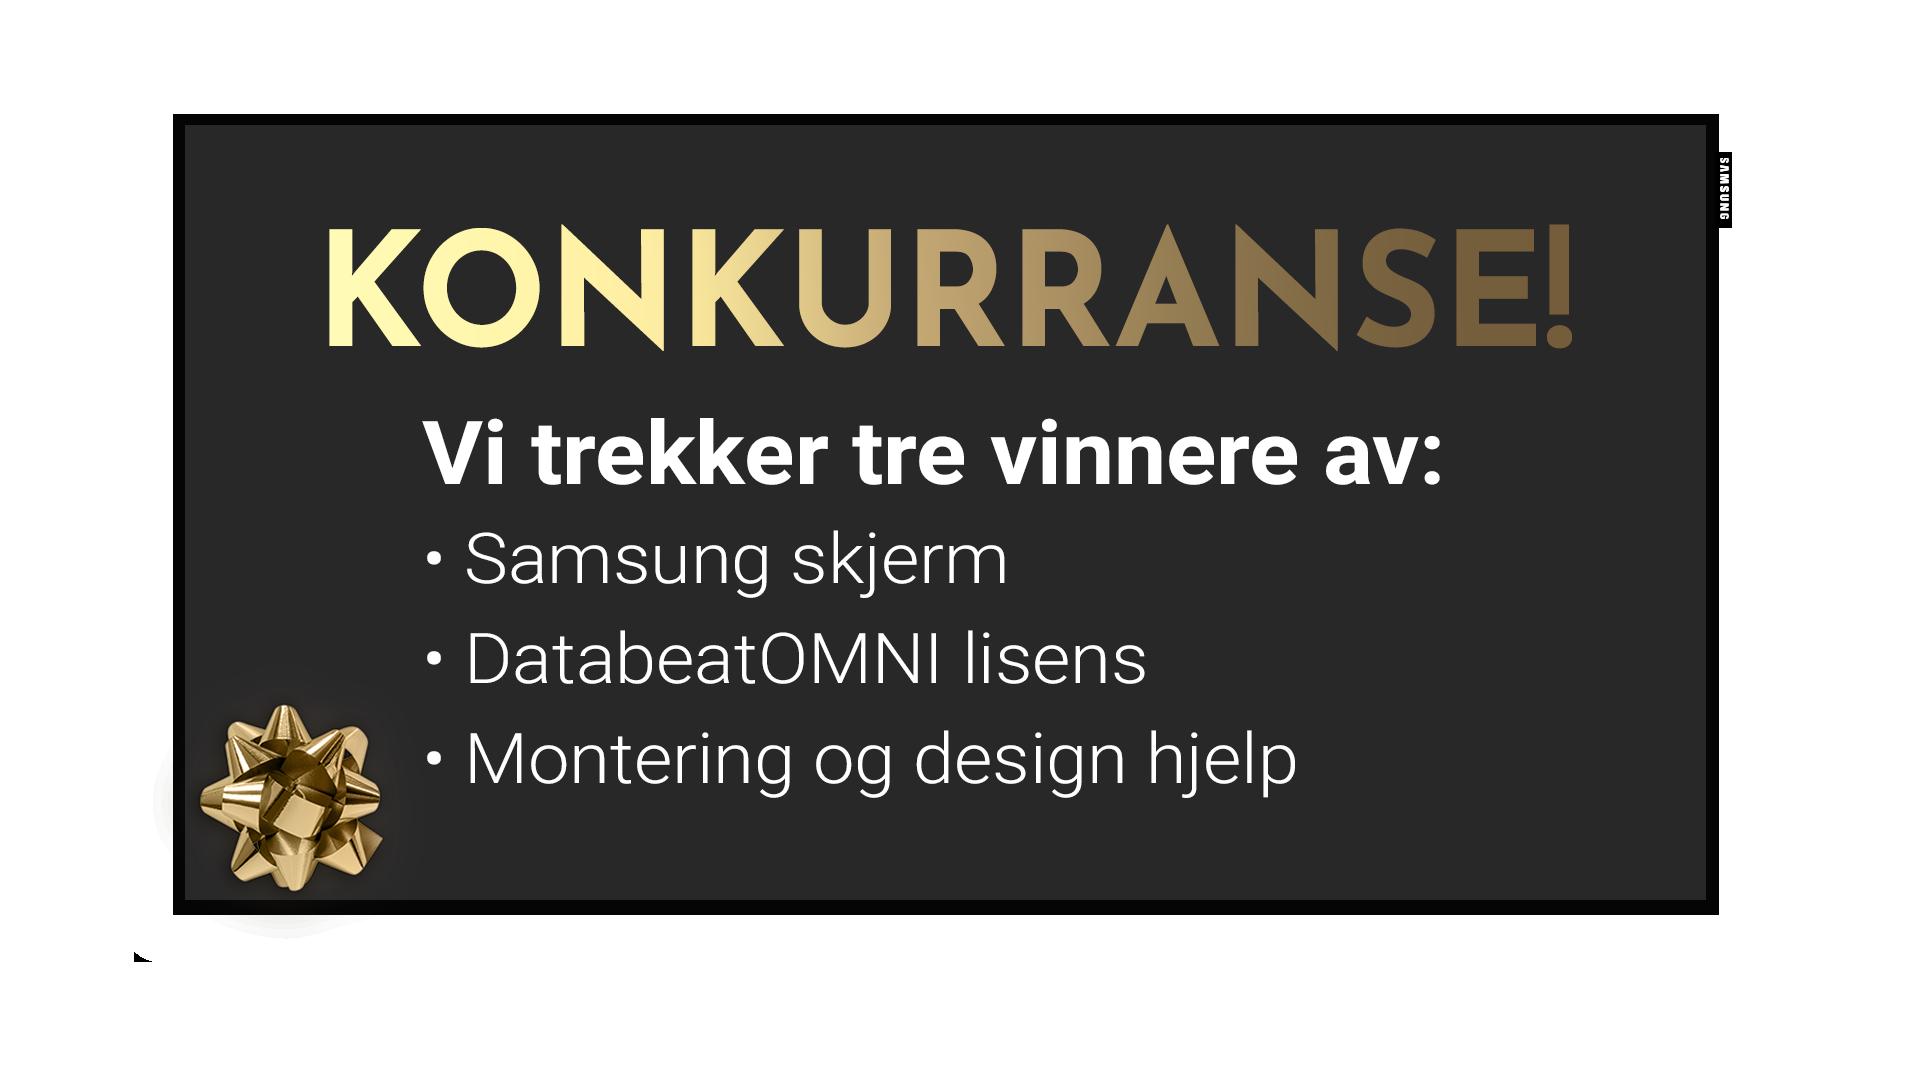 A_Skjerm_til_nett